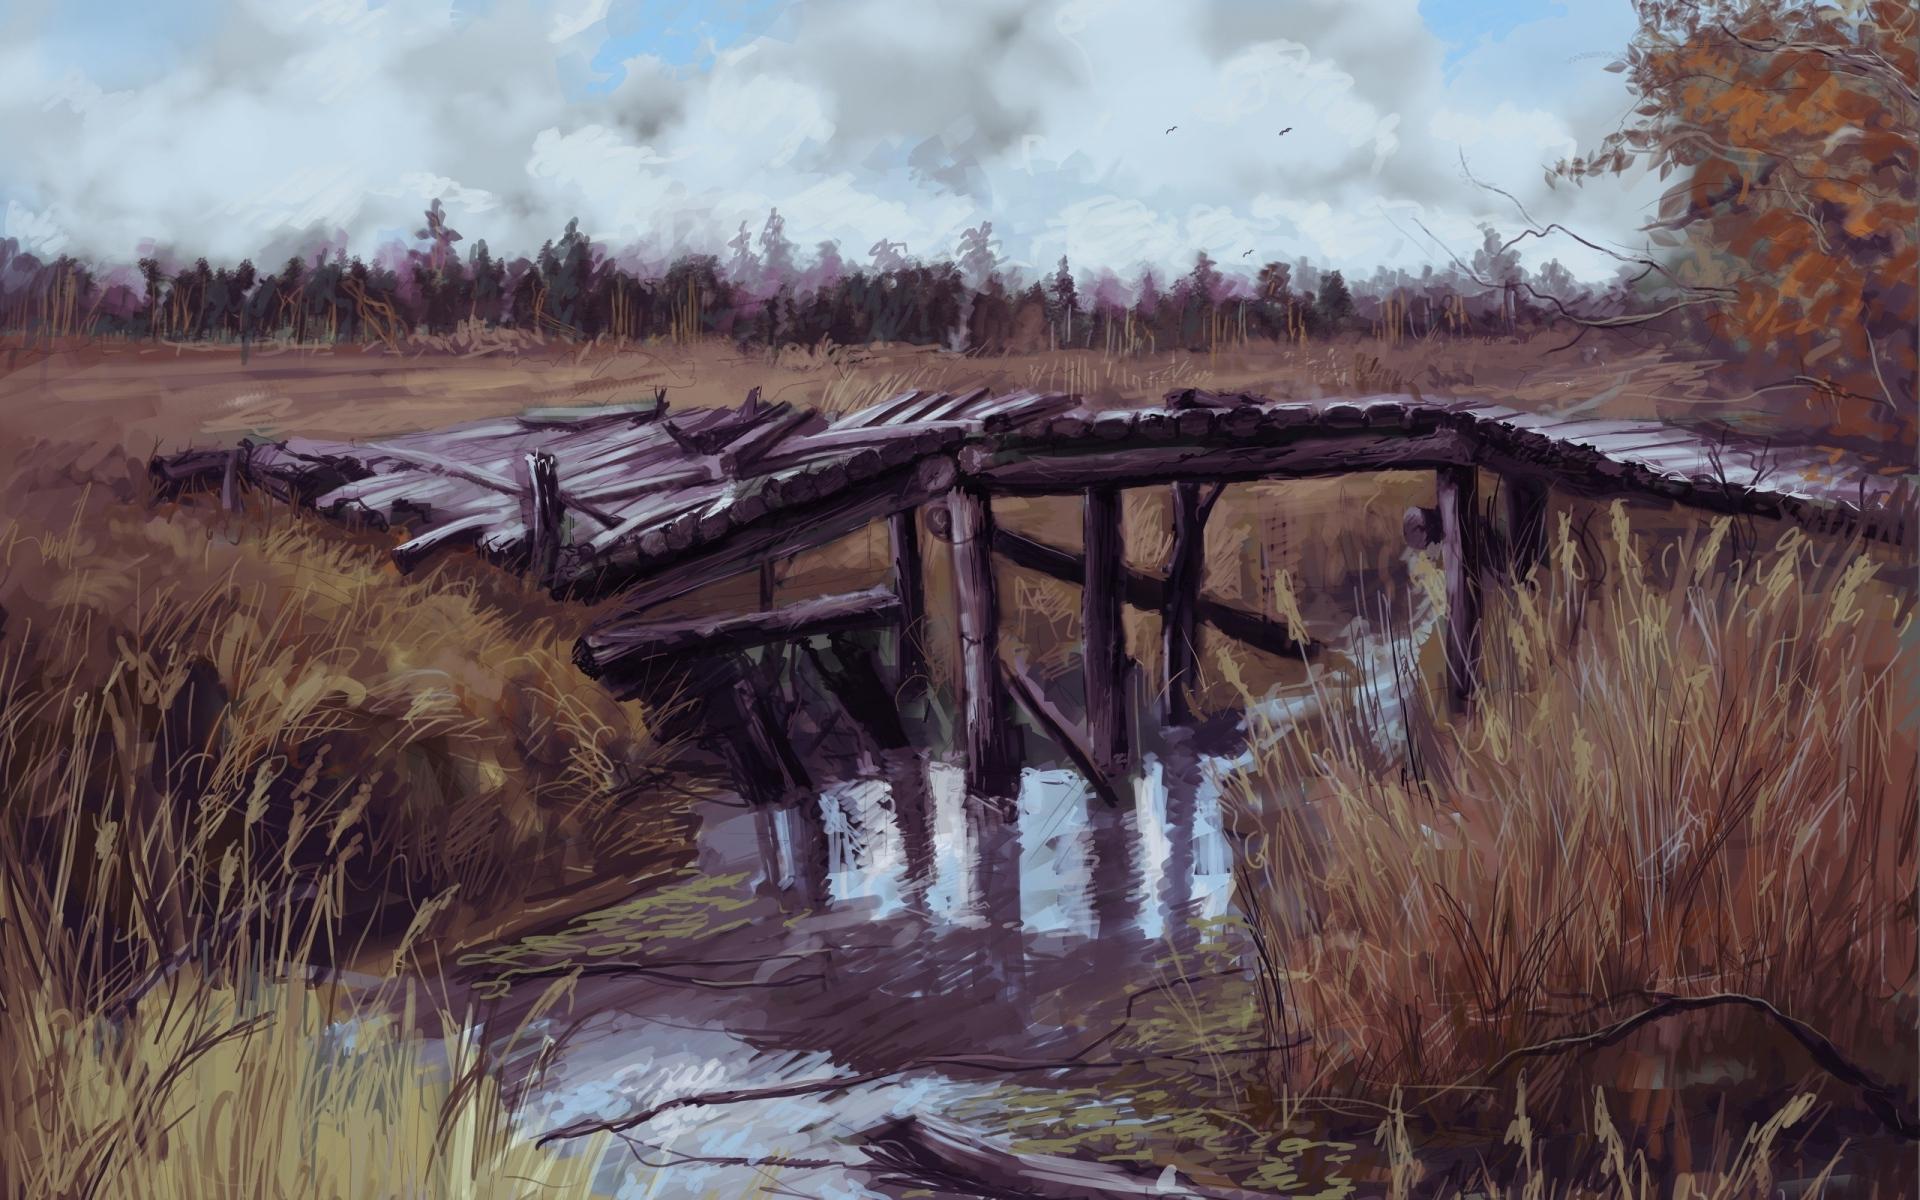 Картинки Сталкер, припять, трава, искусство, мост фото и обои на рабочий стол